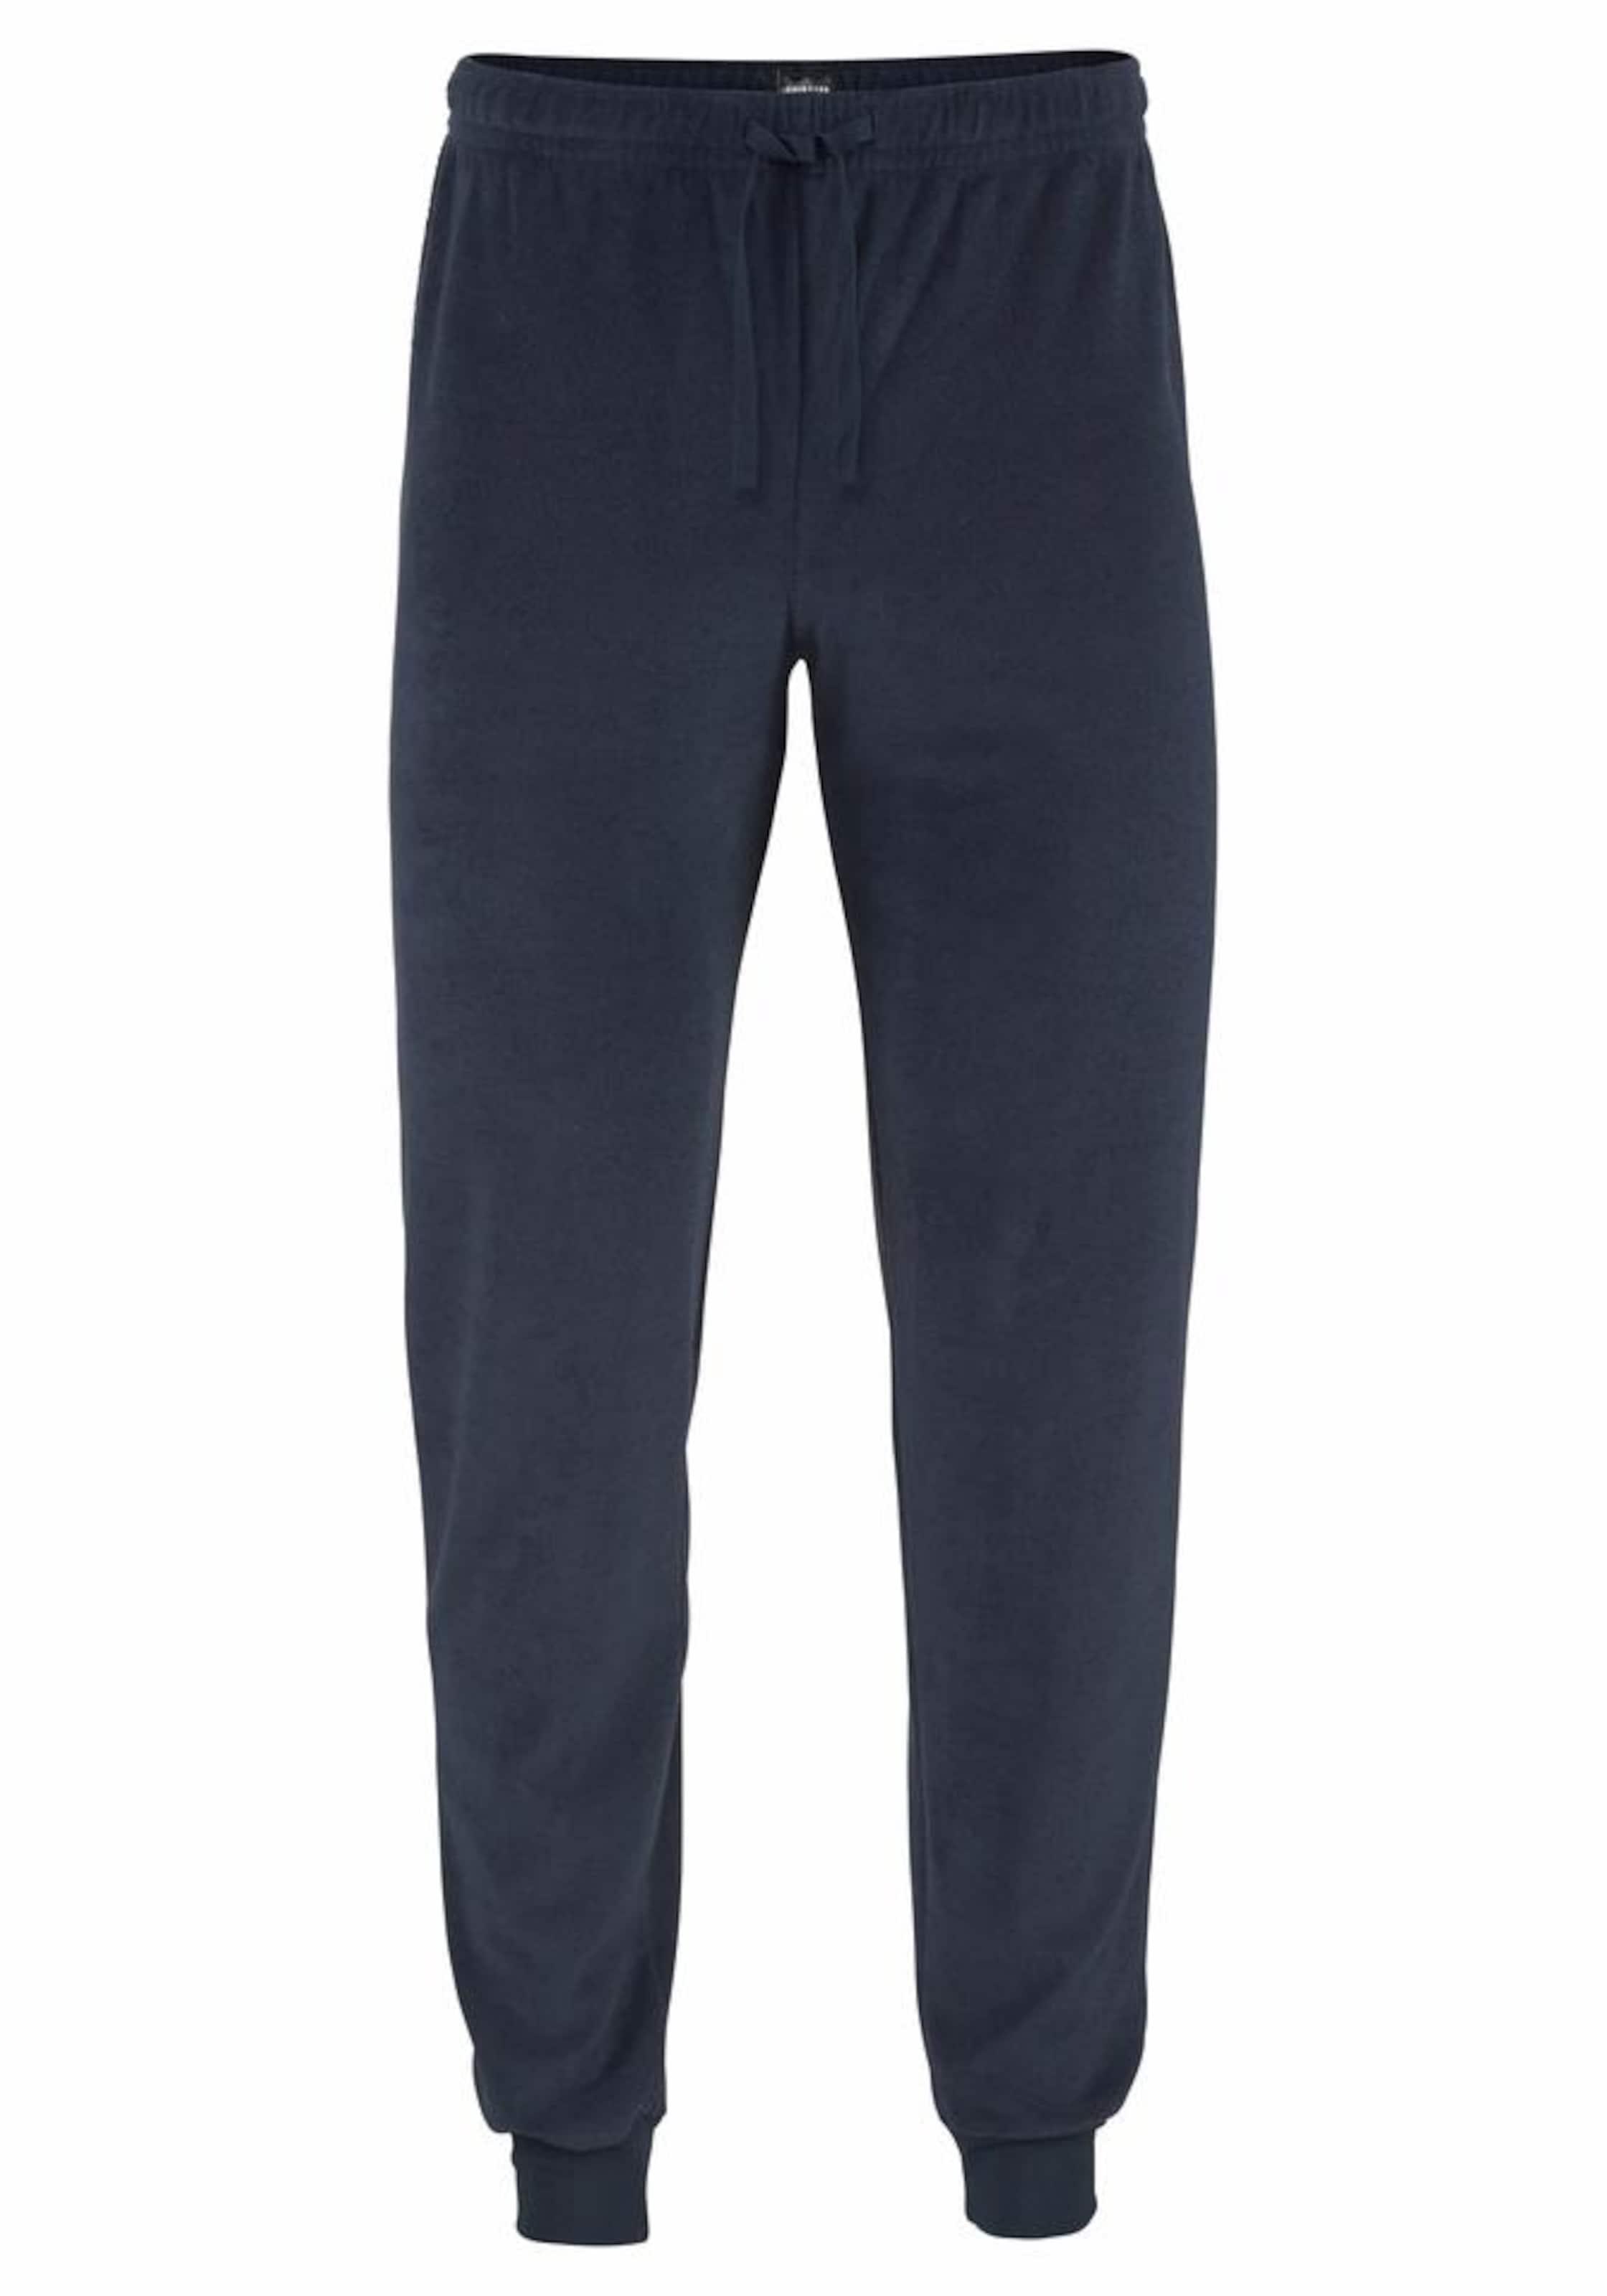 Günstig Kaufen Mit Mastercard Manchester SCHIESSER Pyjama UWg3KXOuuQ